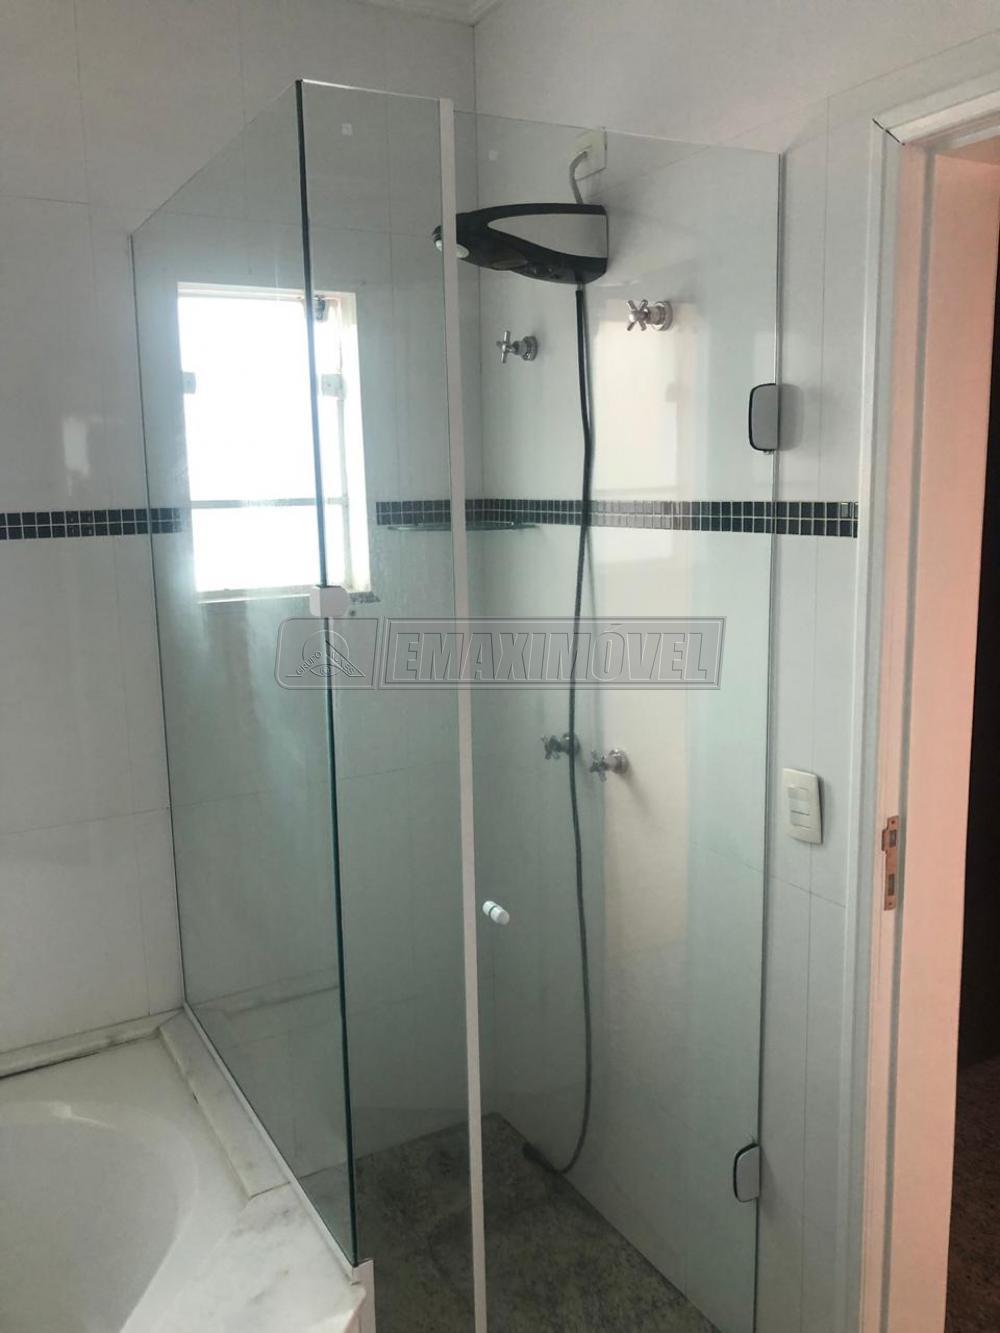 Comprar Casas / em Condomínios em Sorocaba apenas R$ 1.050.000,00 - Foto 13